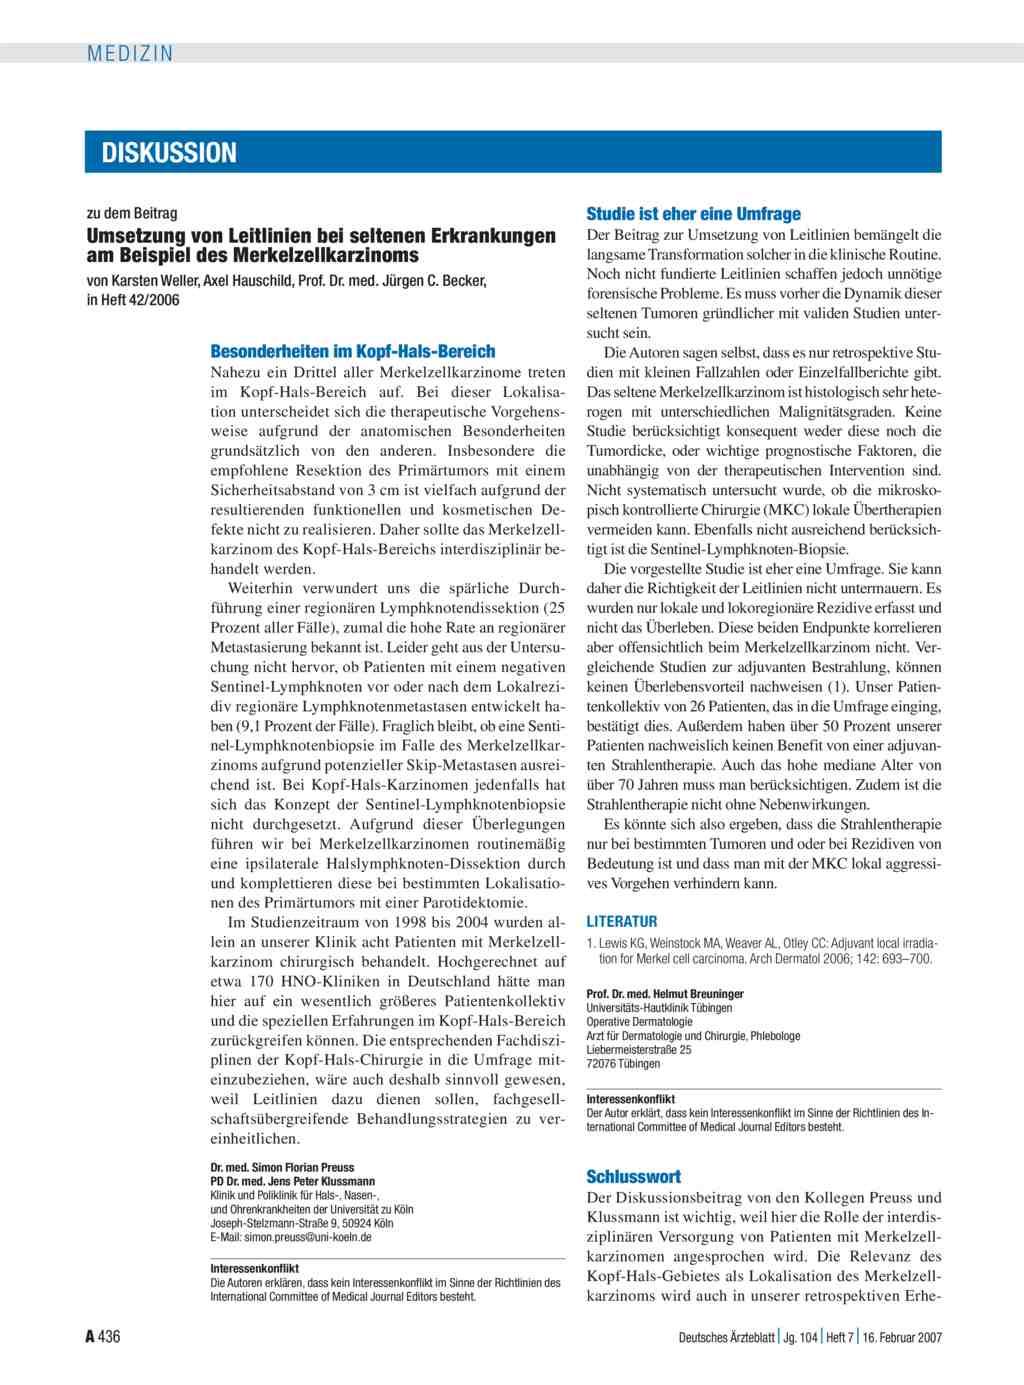 Umsetzung Von Leitlinien Bei Seltenen Erkrankungen Am Beispiel Des